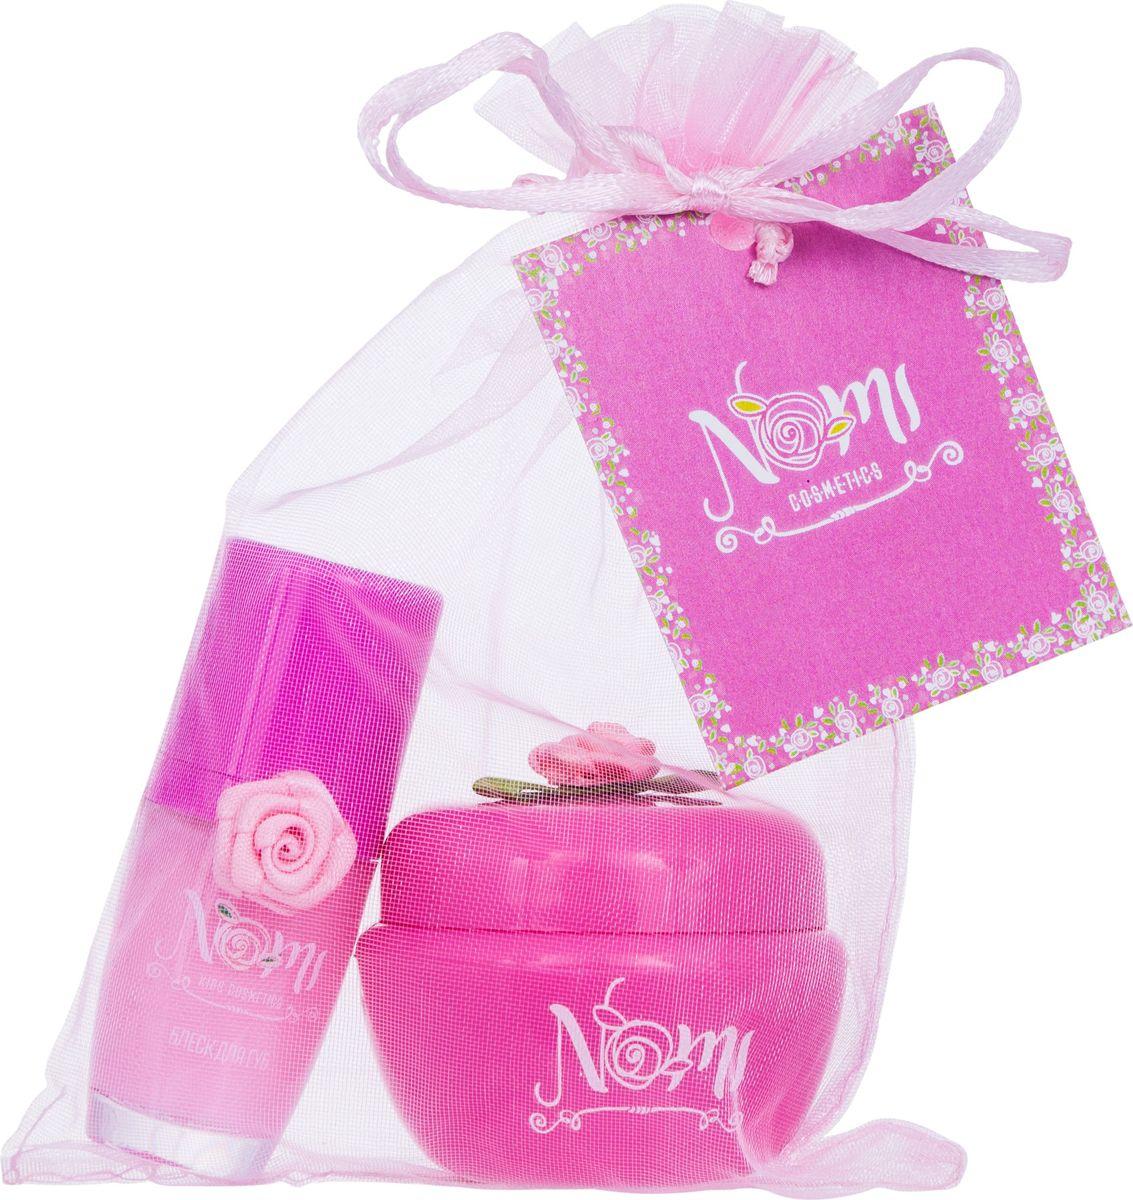 Nomi Подарочный набор детской косметики Розовая радость